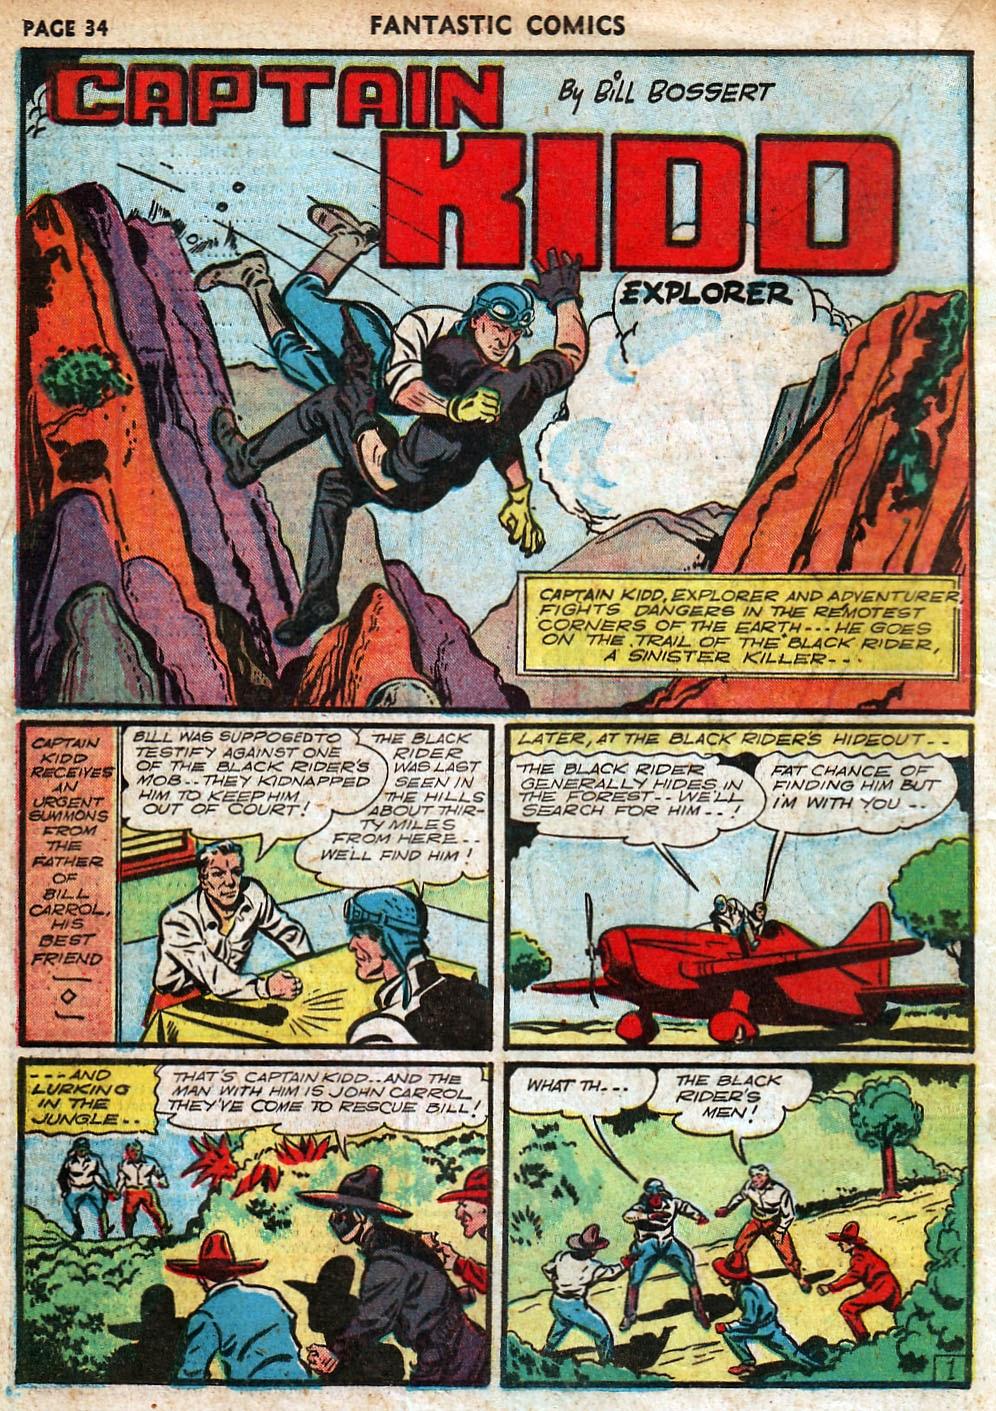 Read online Fantastic Comics comic -  Issue #18 - 36